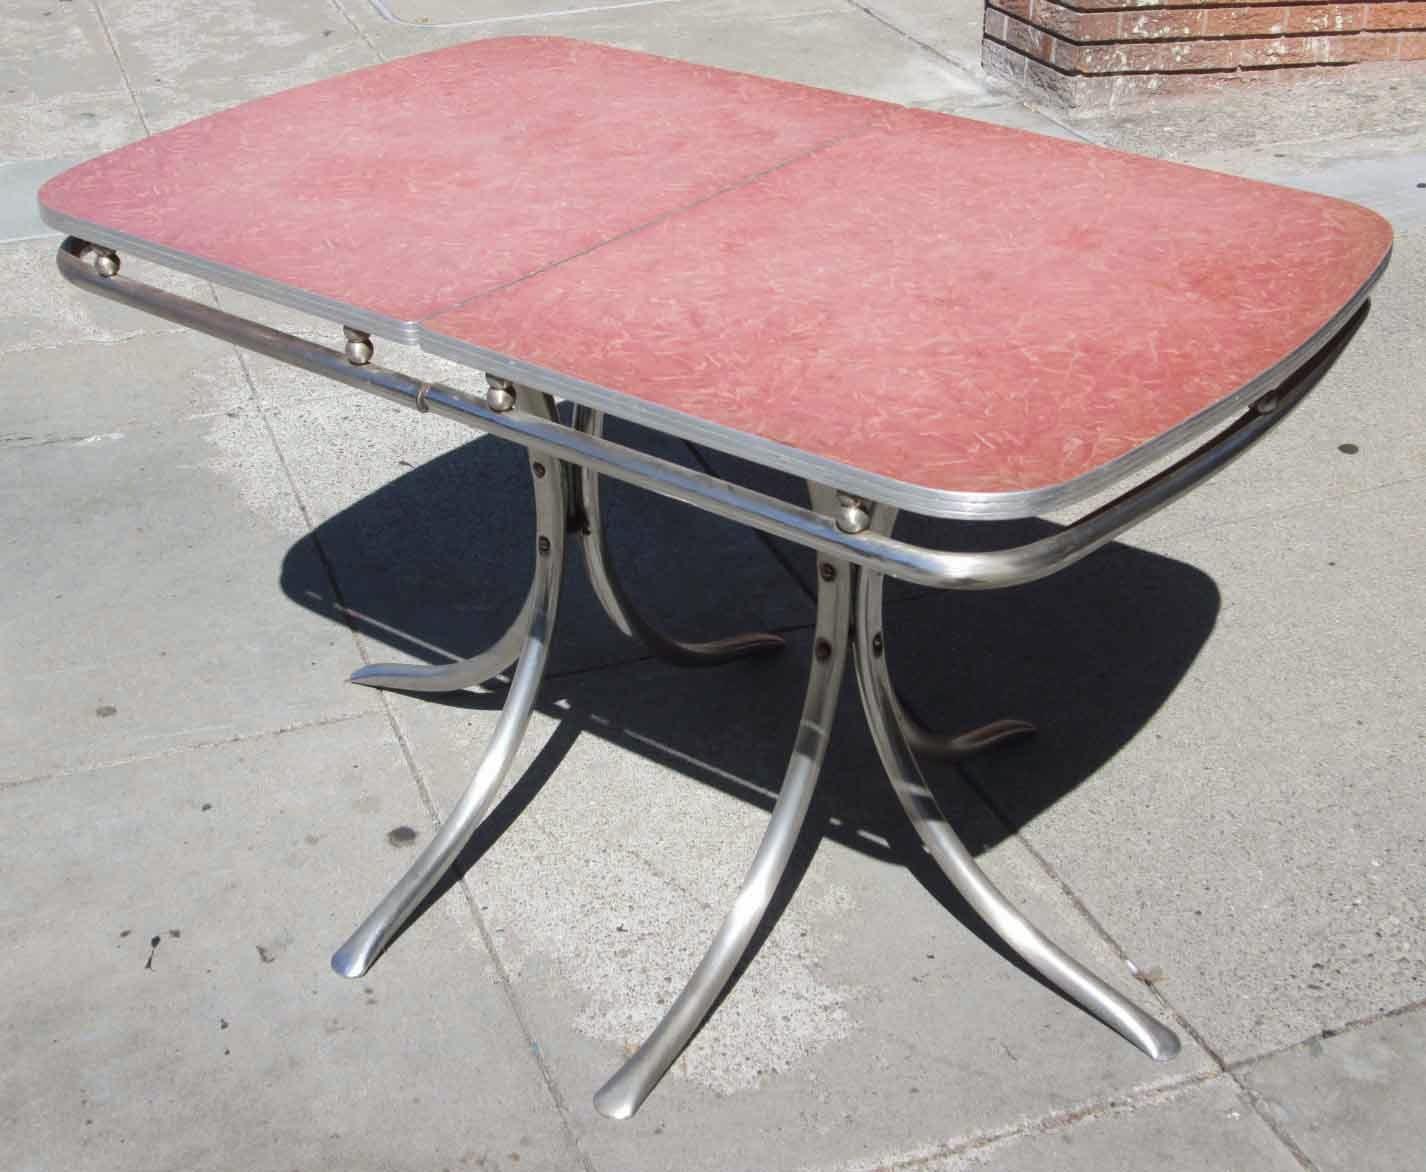 uhuru furniture collectibles sold vintage formica table. Black Bedroom Furniture Sets. Home Design Ideas